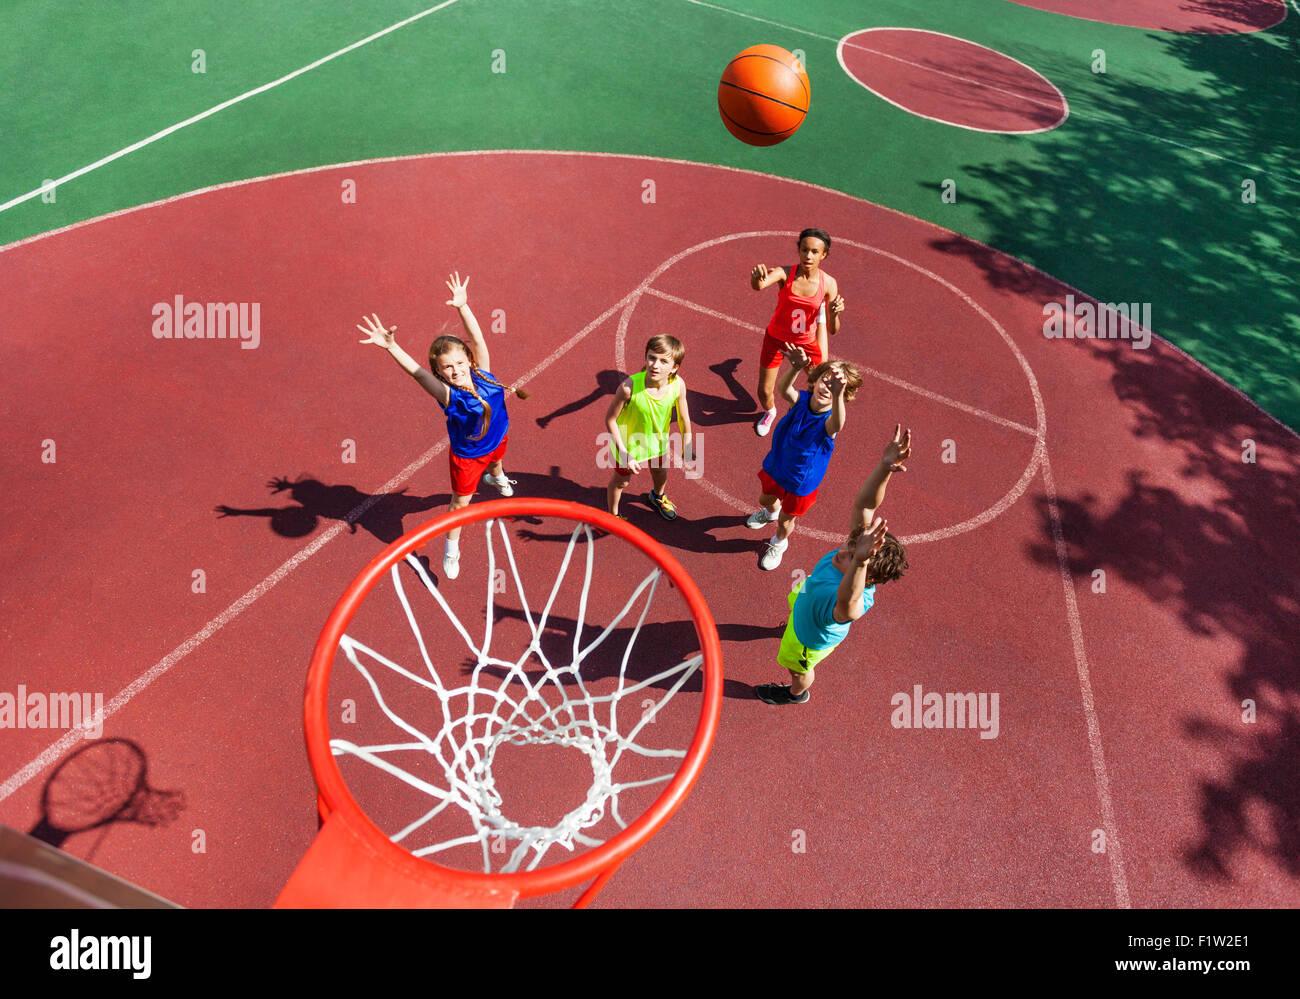 Balle en vol à vue de dessus du panier de basket-ball pendant Photo Stock